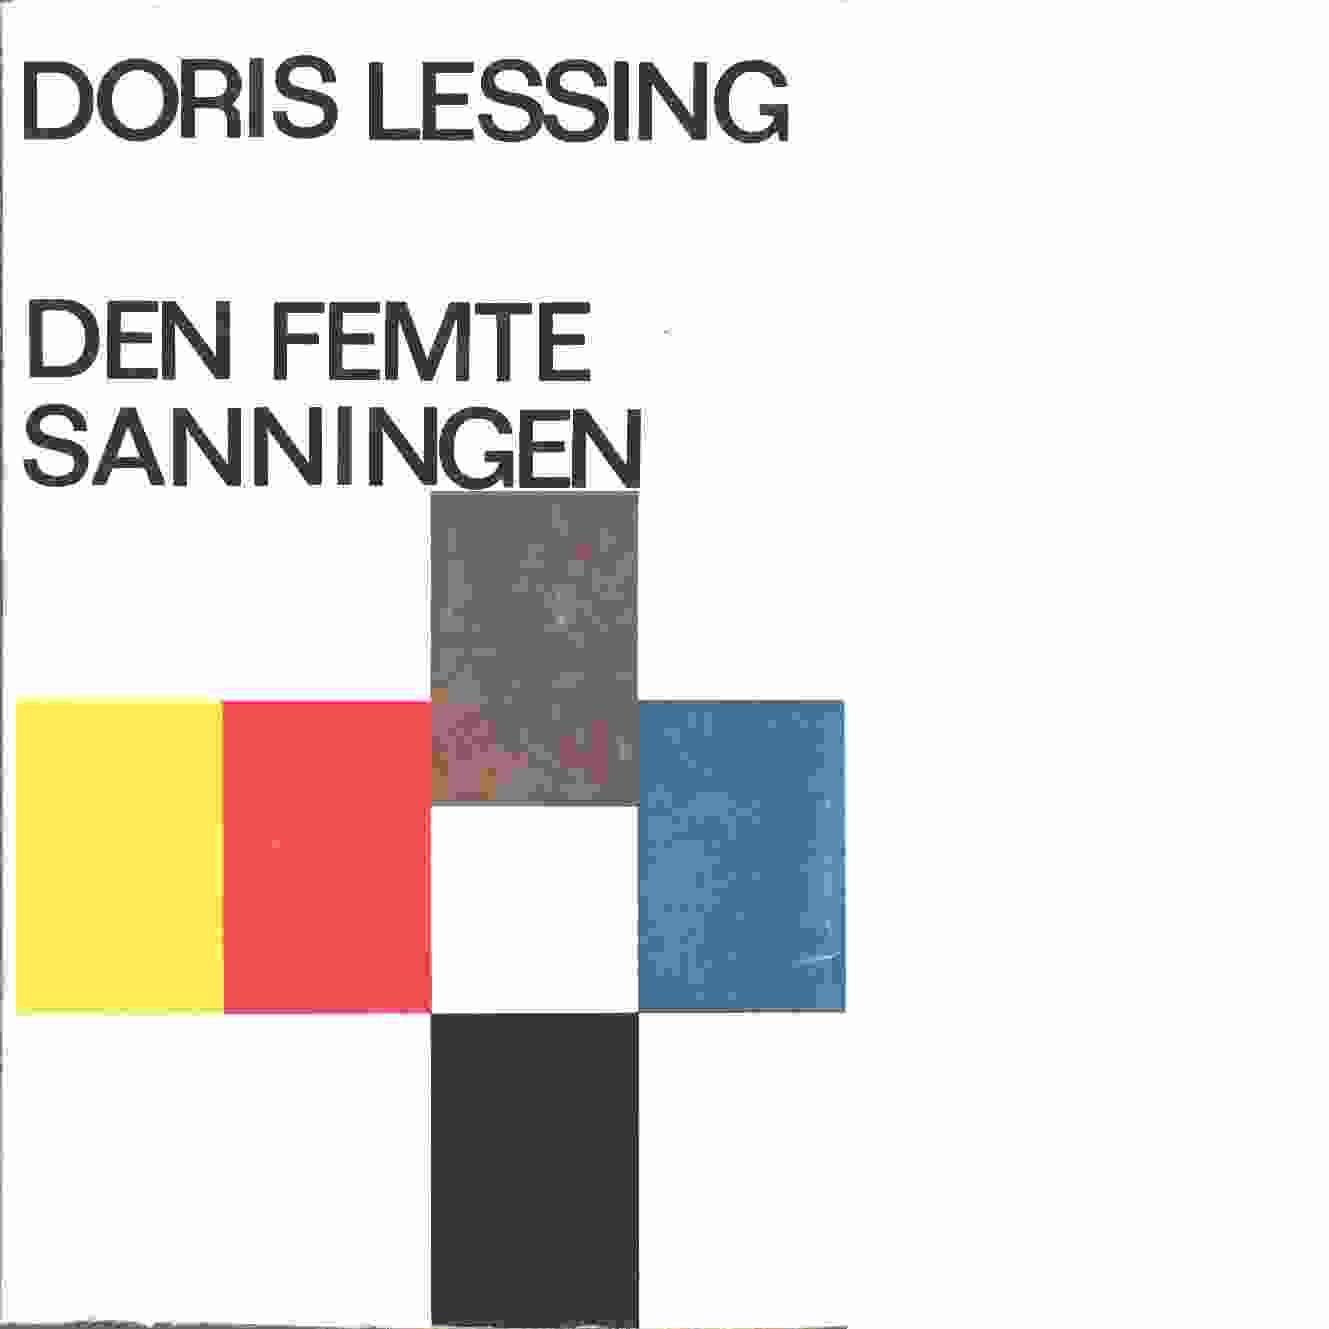 Den femte sanningen - Lessing, Doris